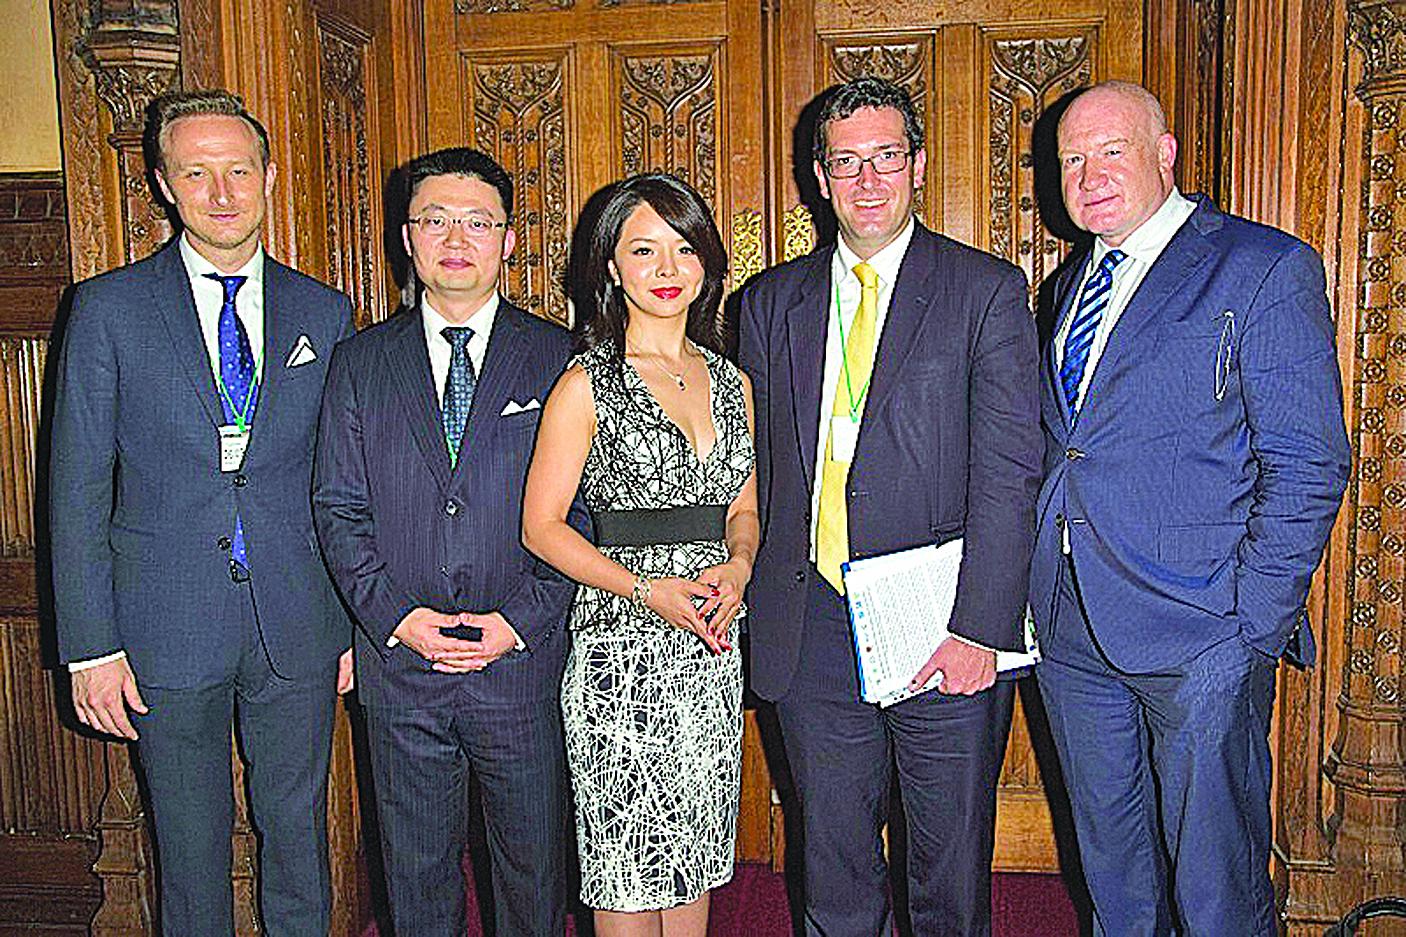 (右起)《大屠殺》作者葛特曼、英國議會跨黨派人權委員會副主席羅格斯、加拿大世界小姐林耶凡、《血刃》導演李雲翔、馬克傳媒首席執行官羅夫塔斯在首映禮上合影。(格羅斯/大紀元)